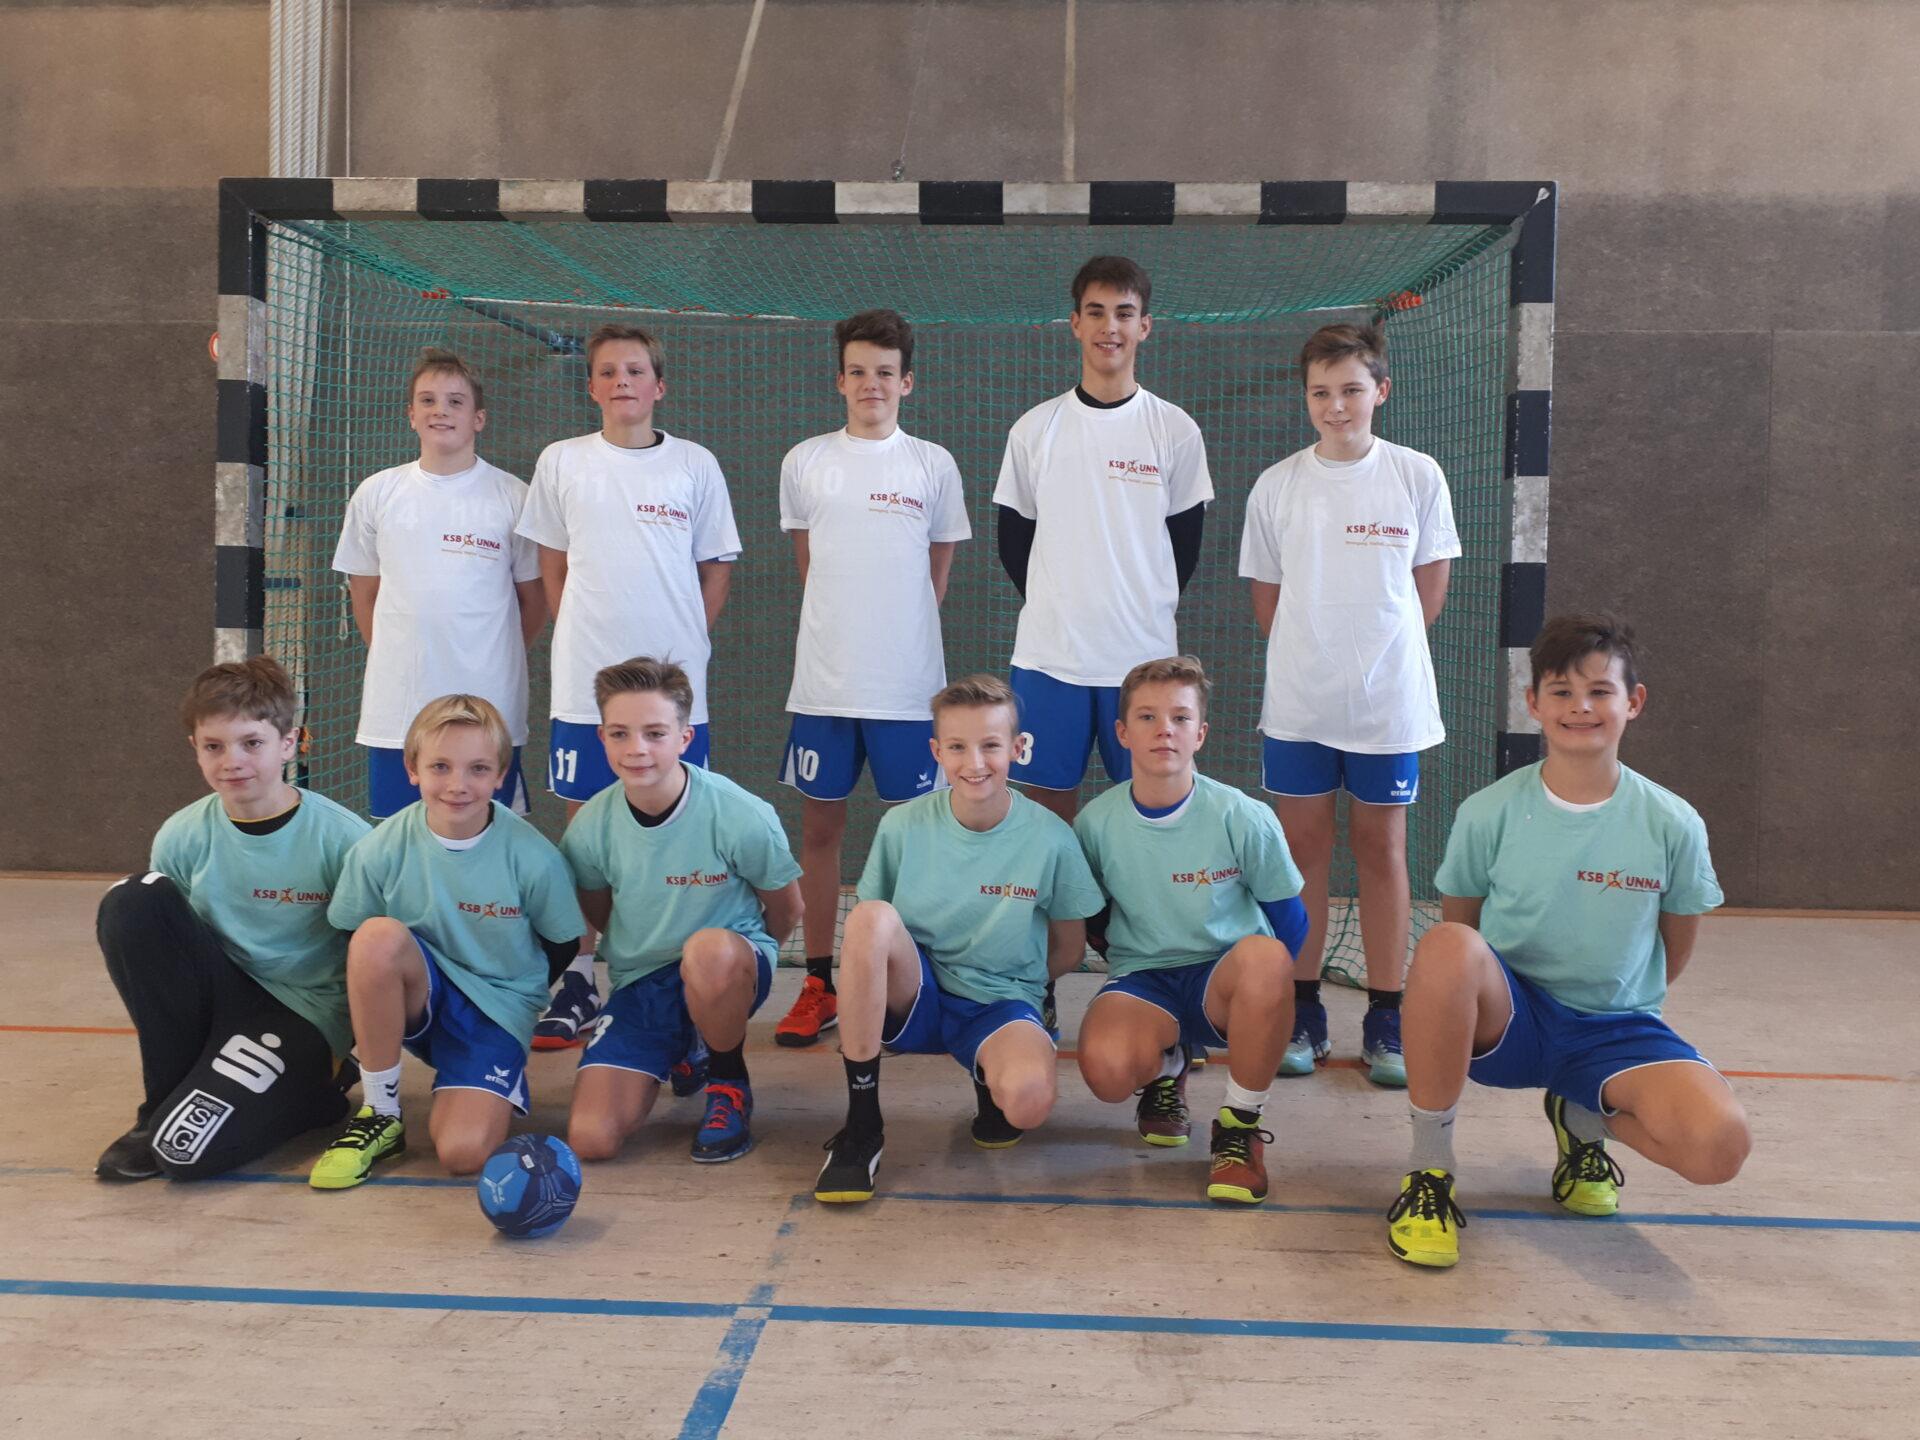 FBG-Handballer erreichen souverän die Bezirksmeisterschaften